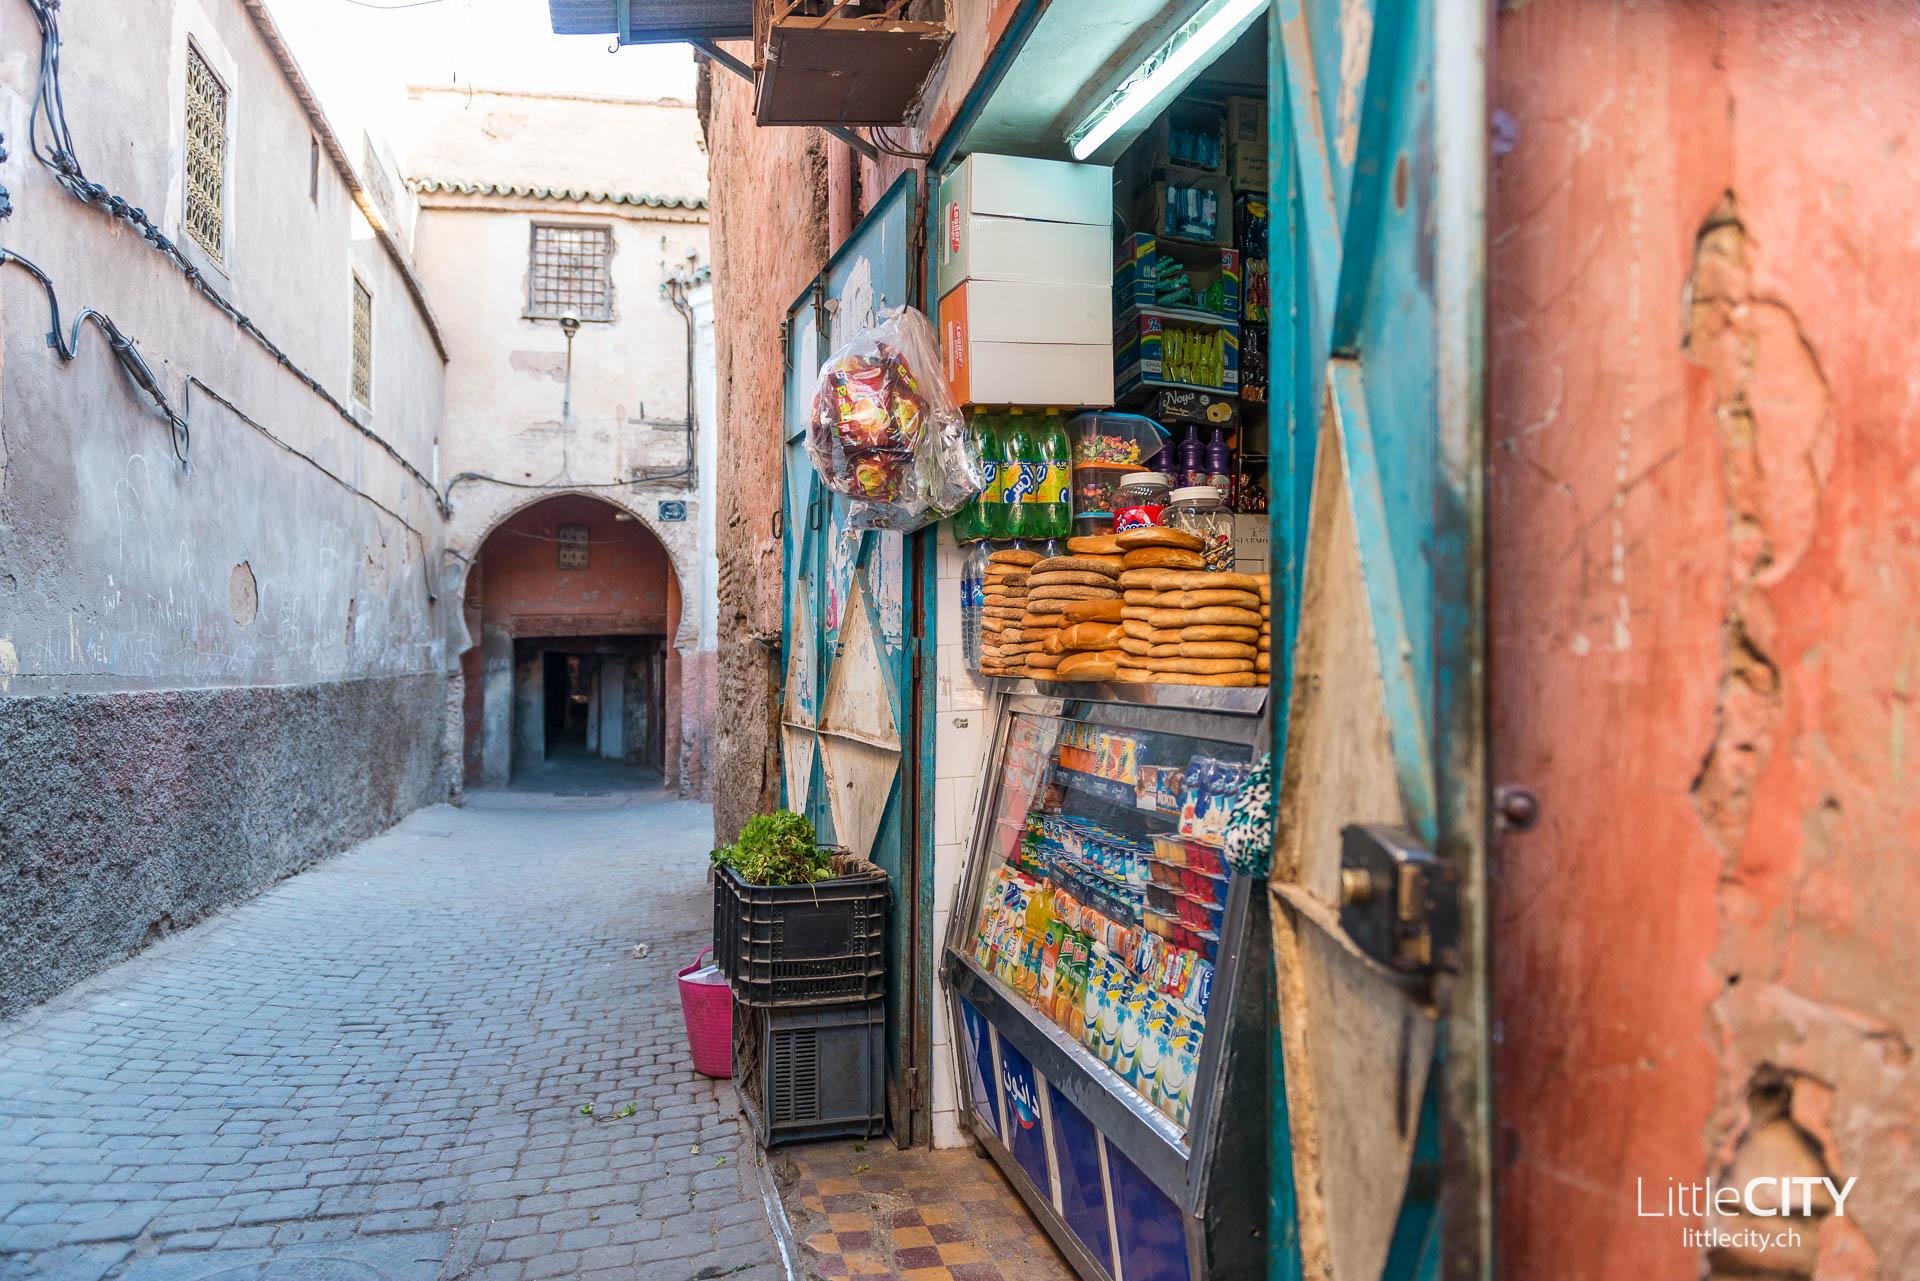 Marrakesch Reisetipps & Sehenswürdigkeiten